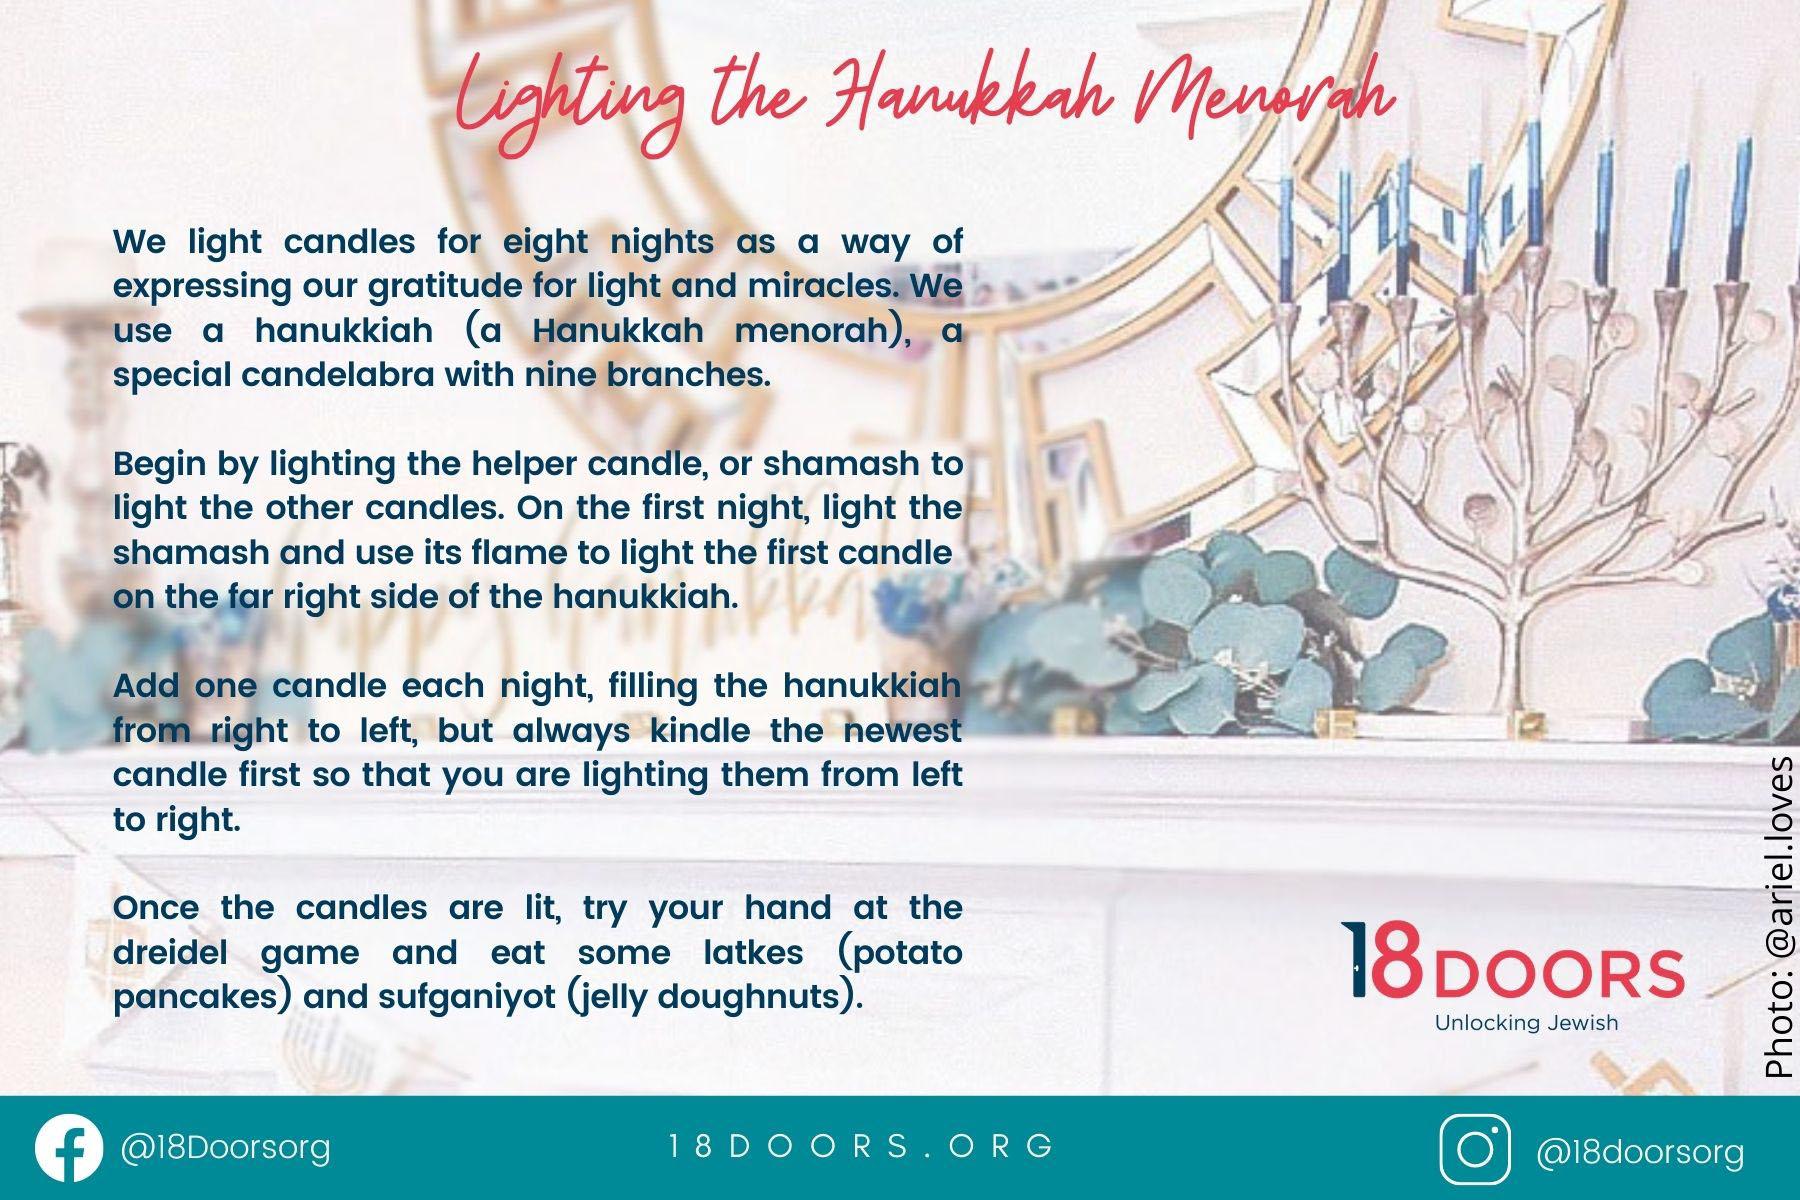 Menorah lighting blessings